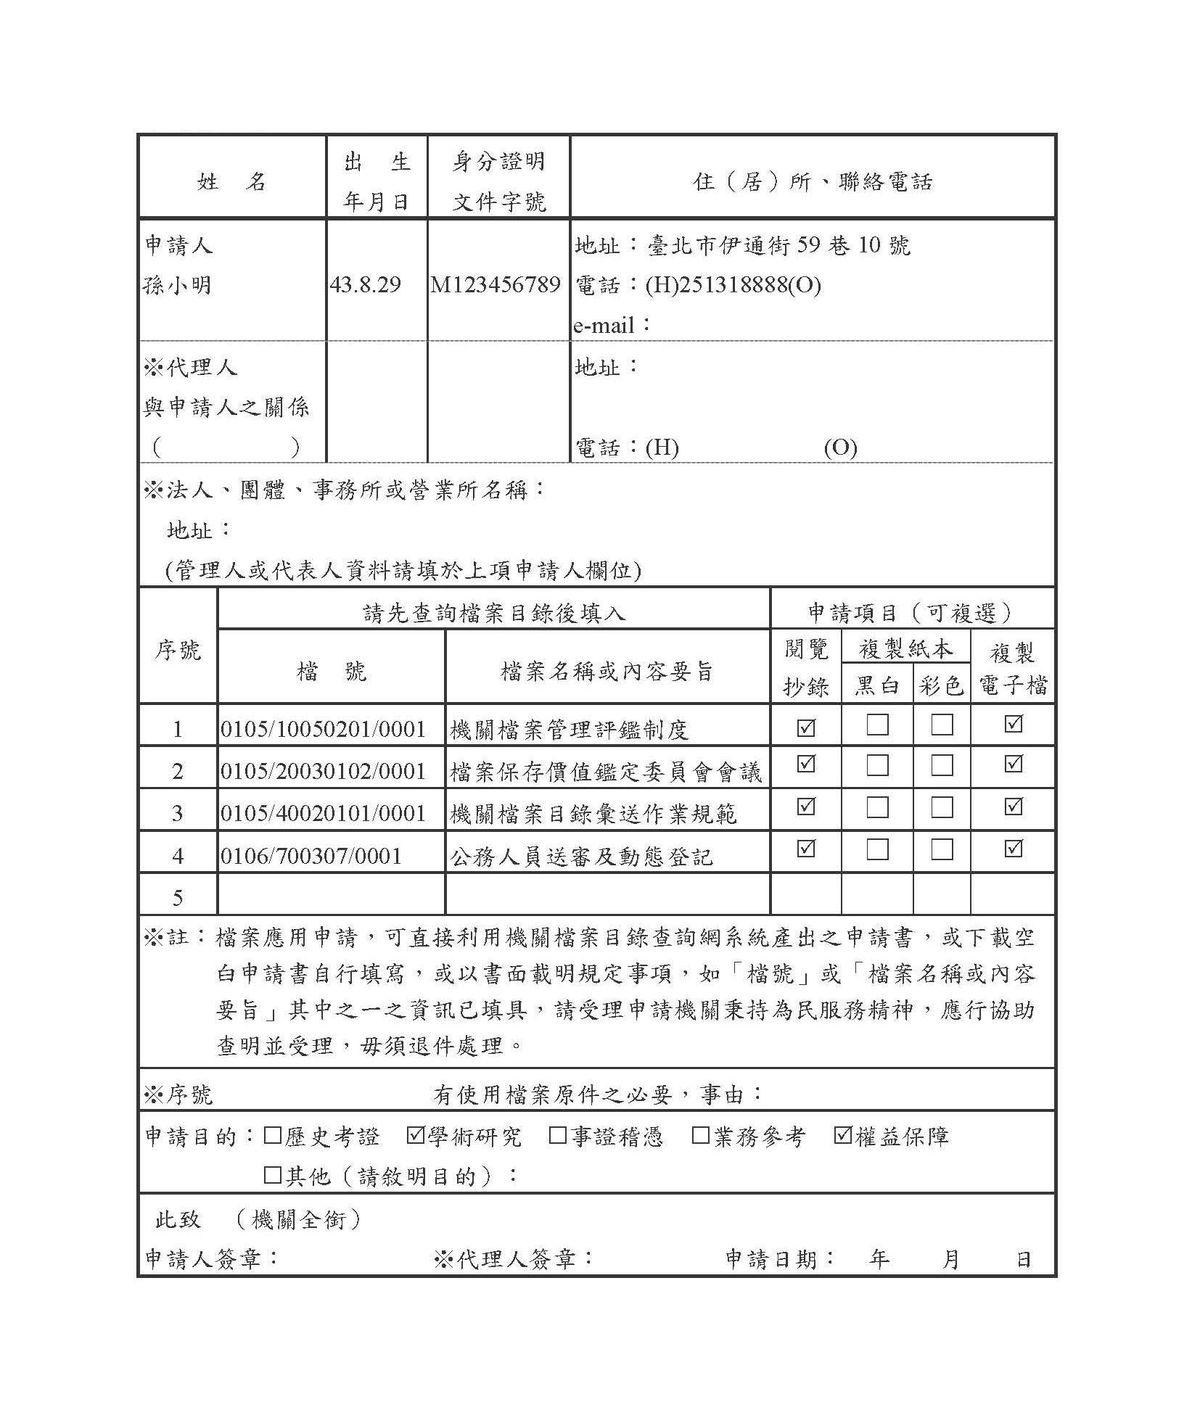 圖2 檔案應用申請書(參考範例)